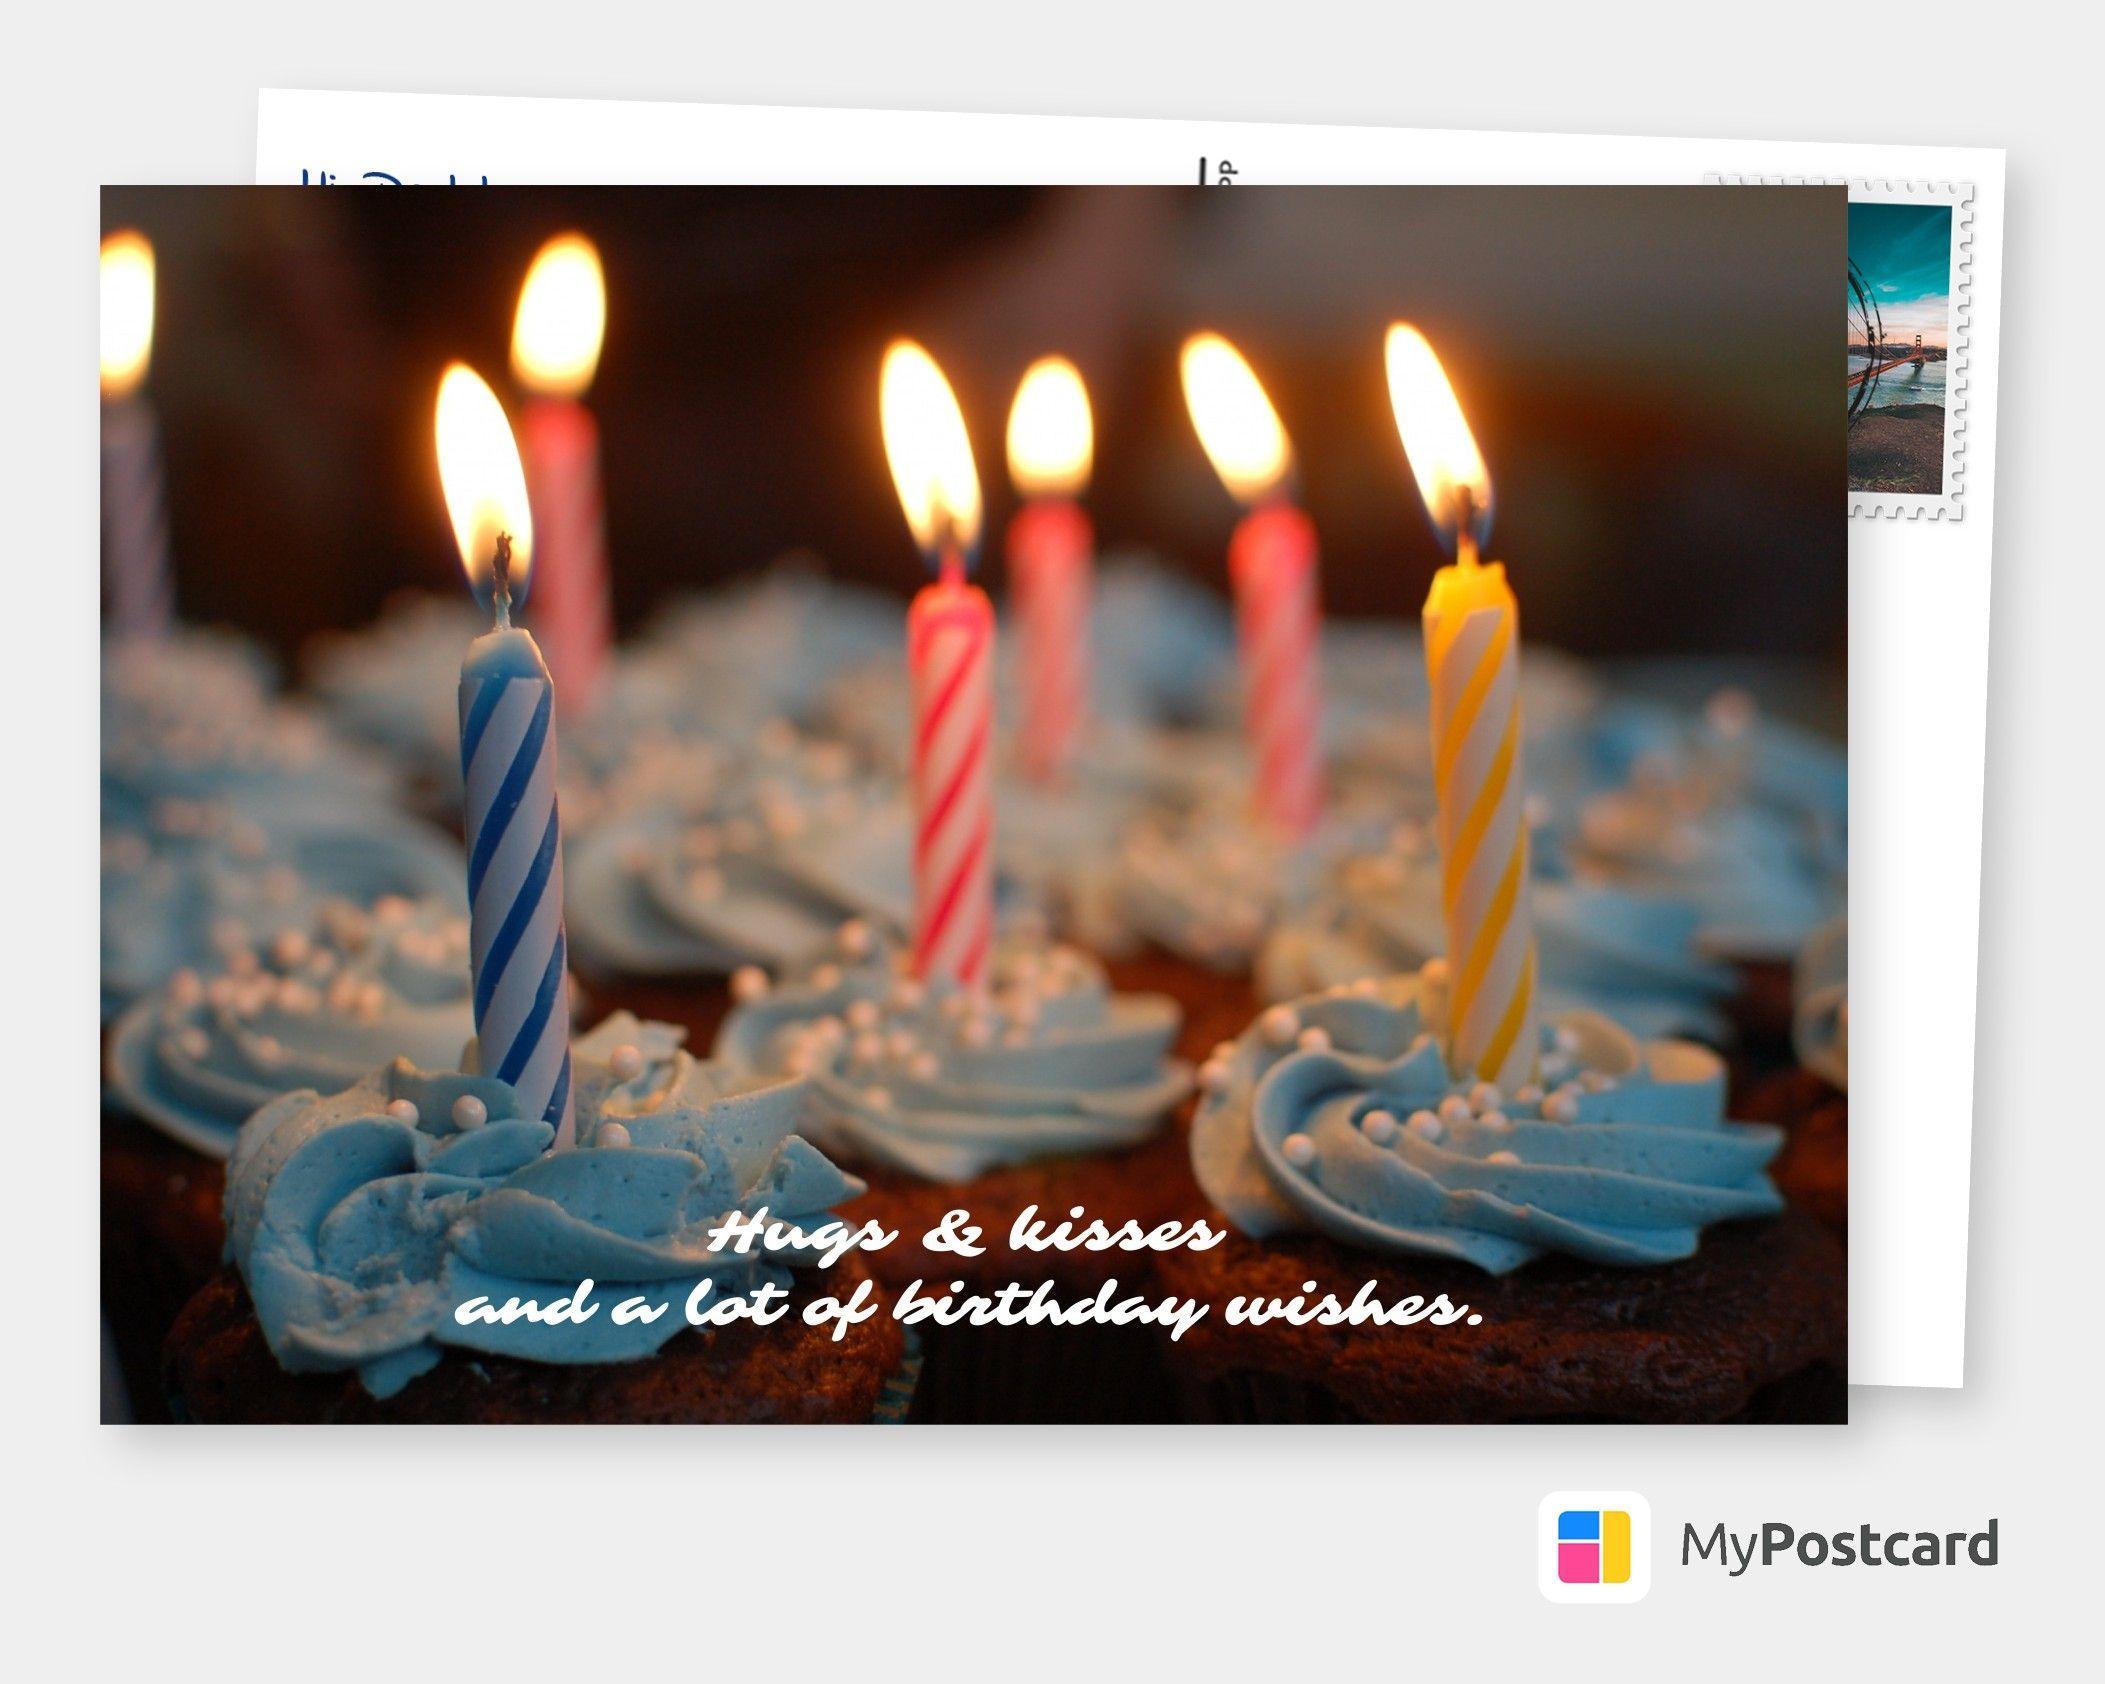 Ucapan Selamat Ulang Tahun Sahabat Ucapan Selamat Ulang